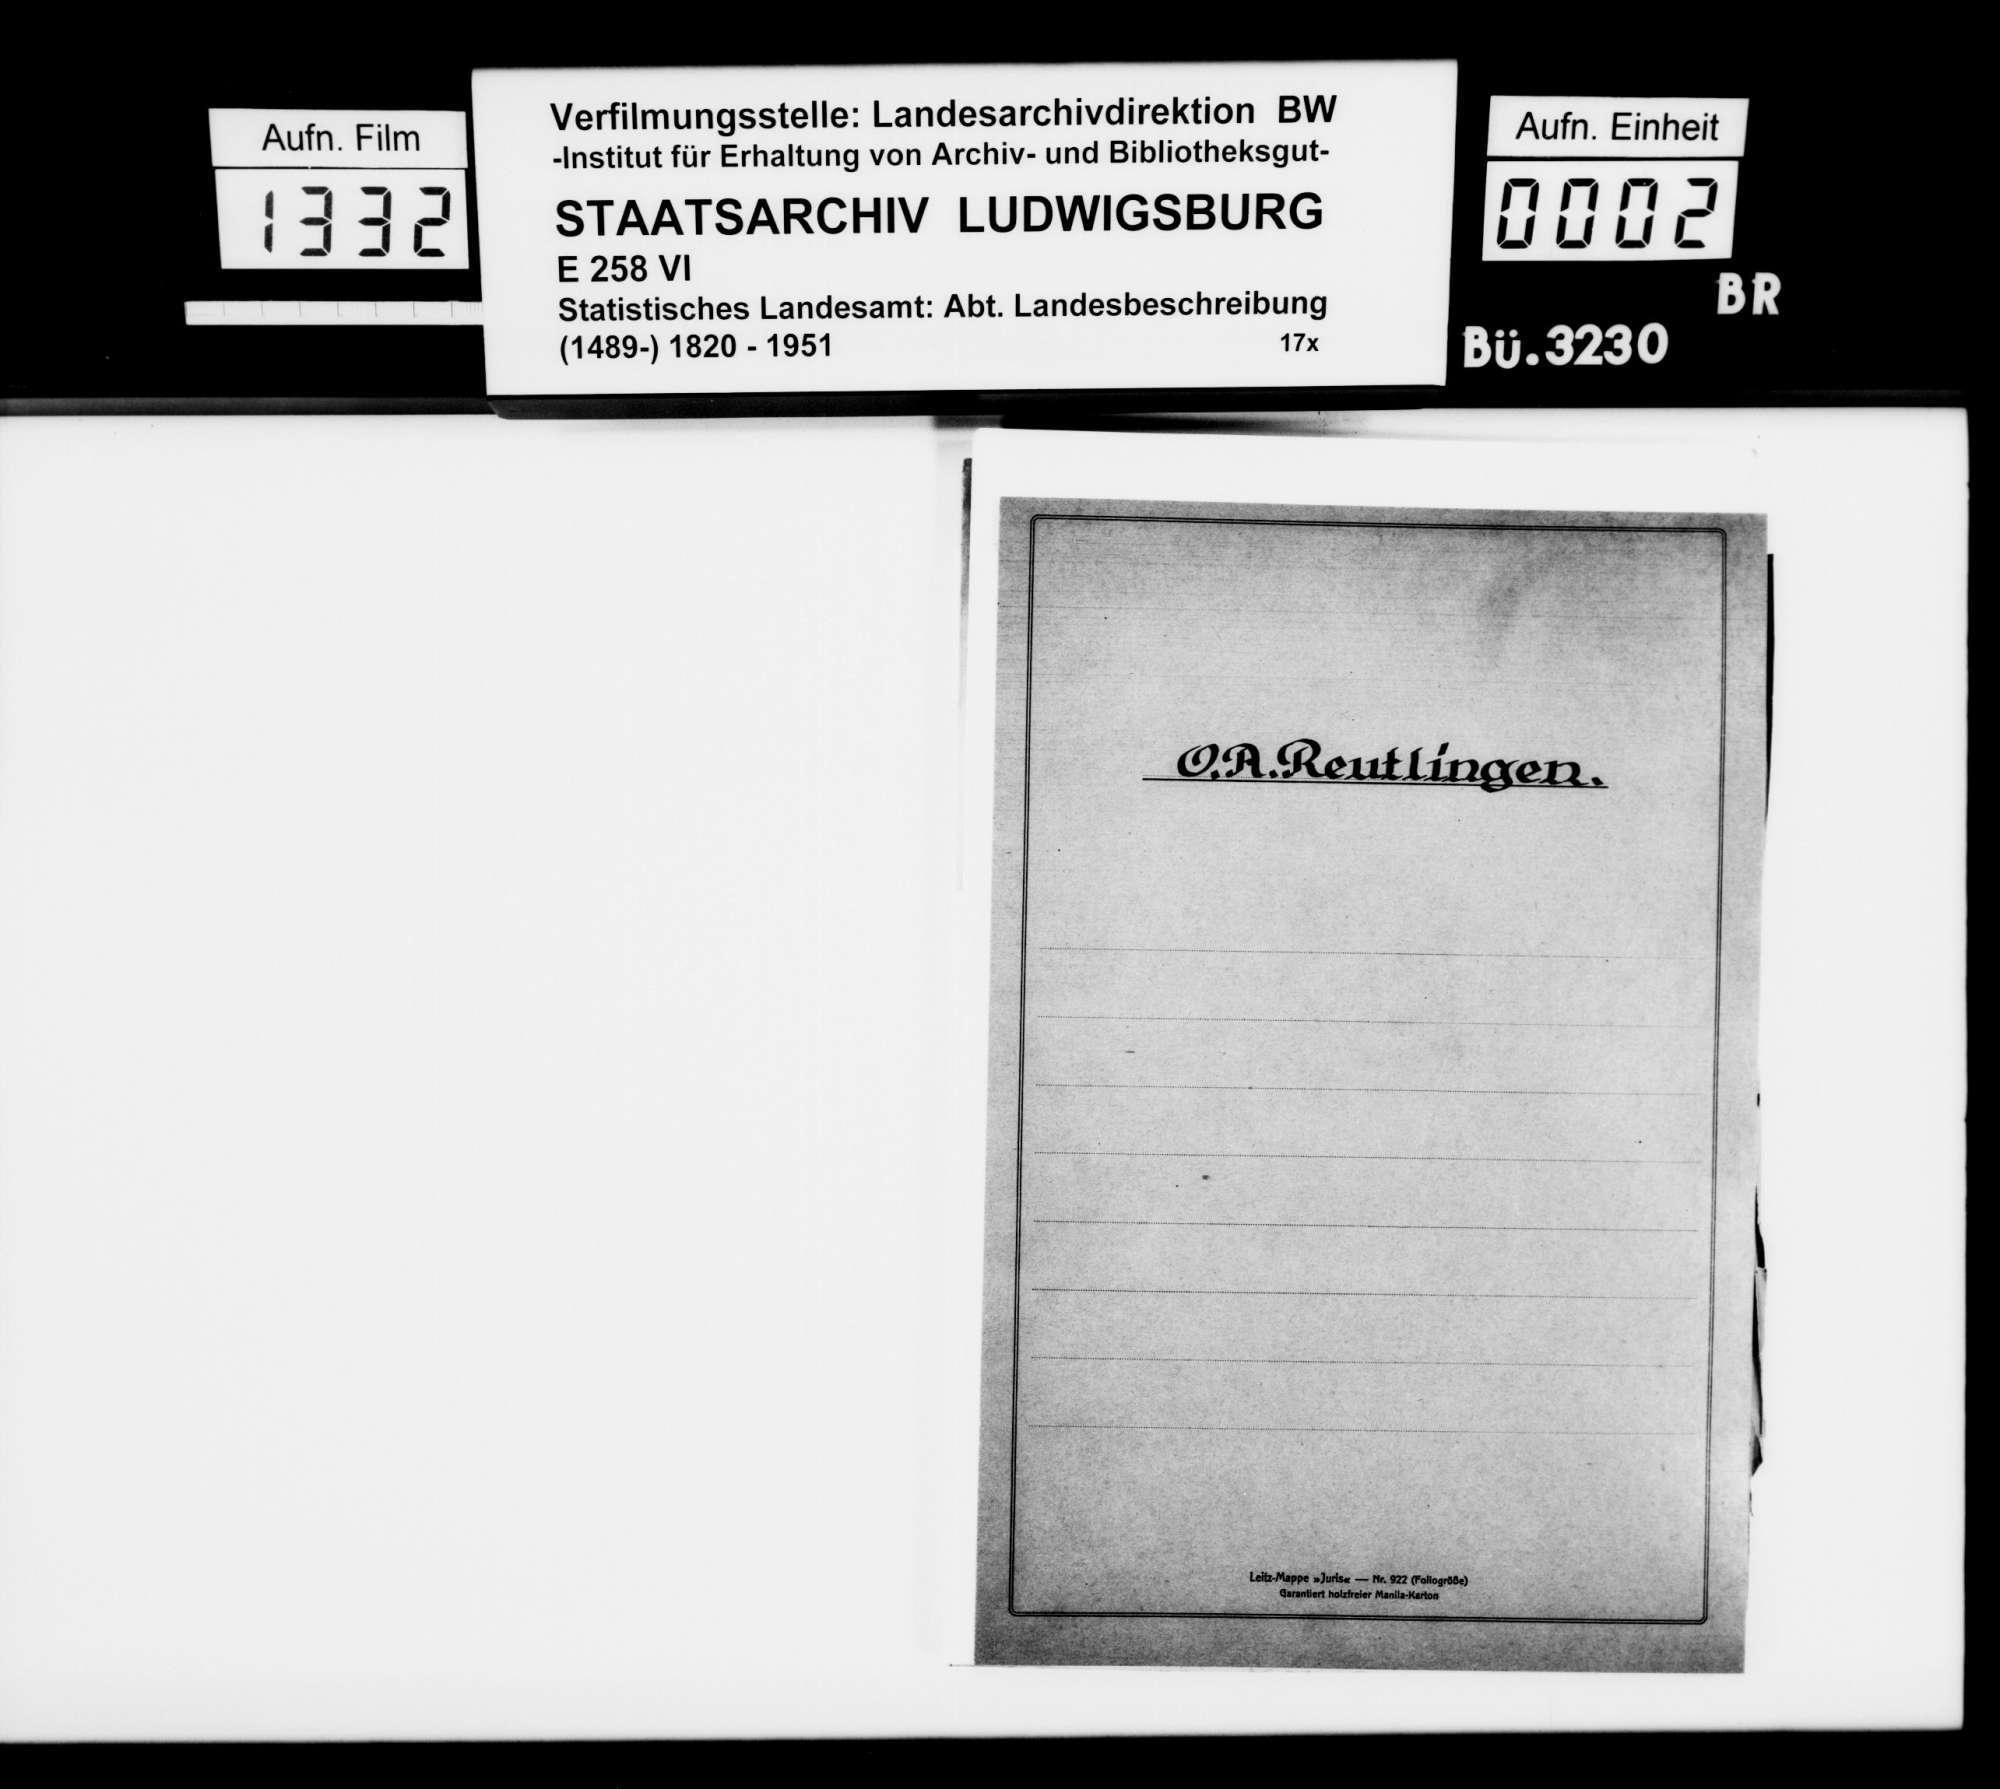 Materialsammlung für die Neubearbeitung der OAB, vornehmlich zur Oberamtsstadt, Bild 1